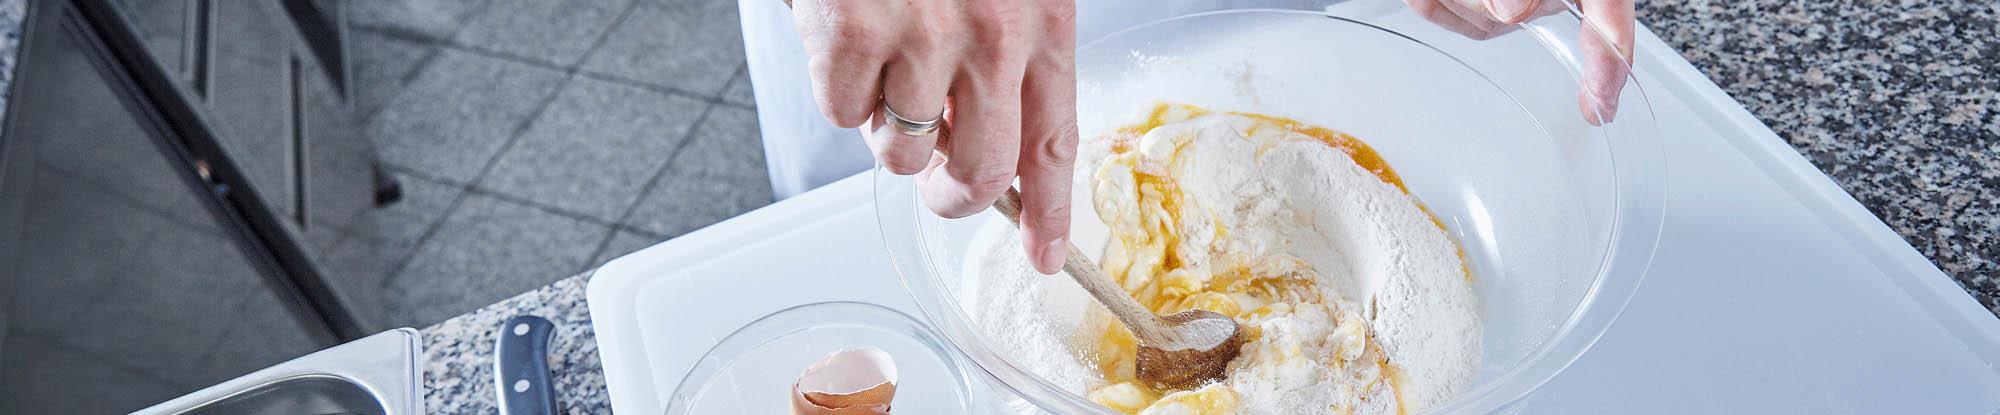 Ausstattung für Bäckereien und Konditoreien-